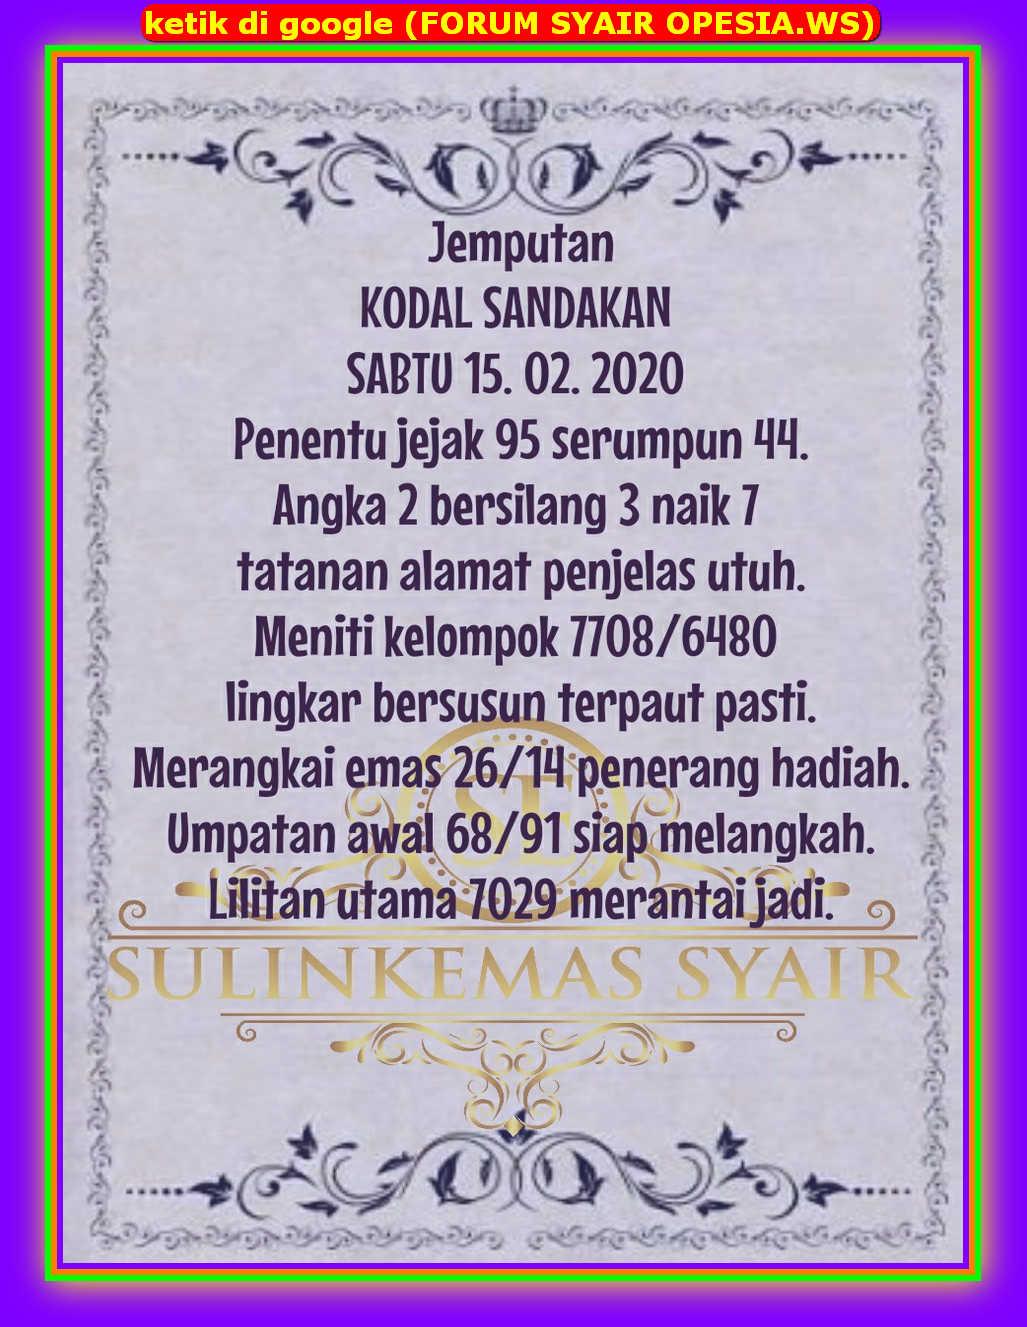 Kode syair Singapore Sabtu 15 Februari 2020 16